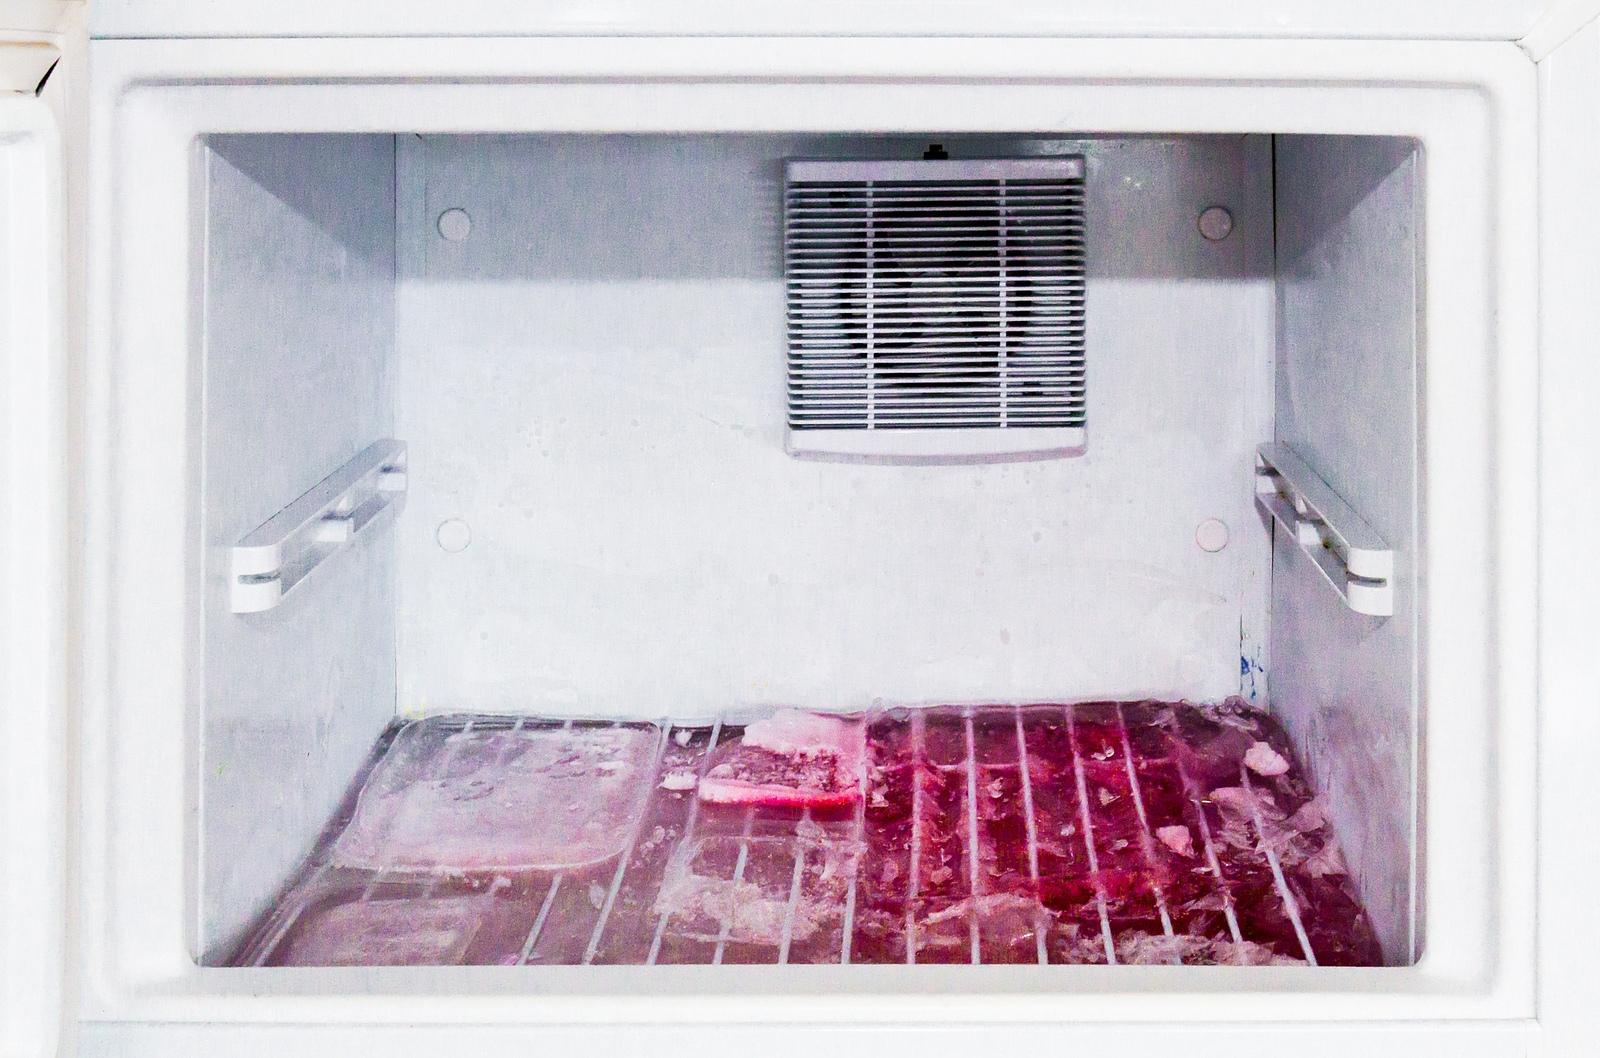 загрязнение морозильной камеры